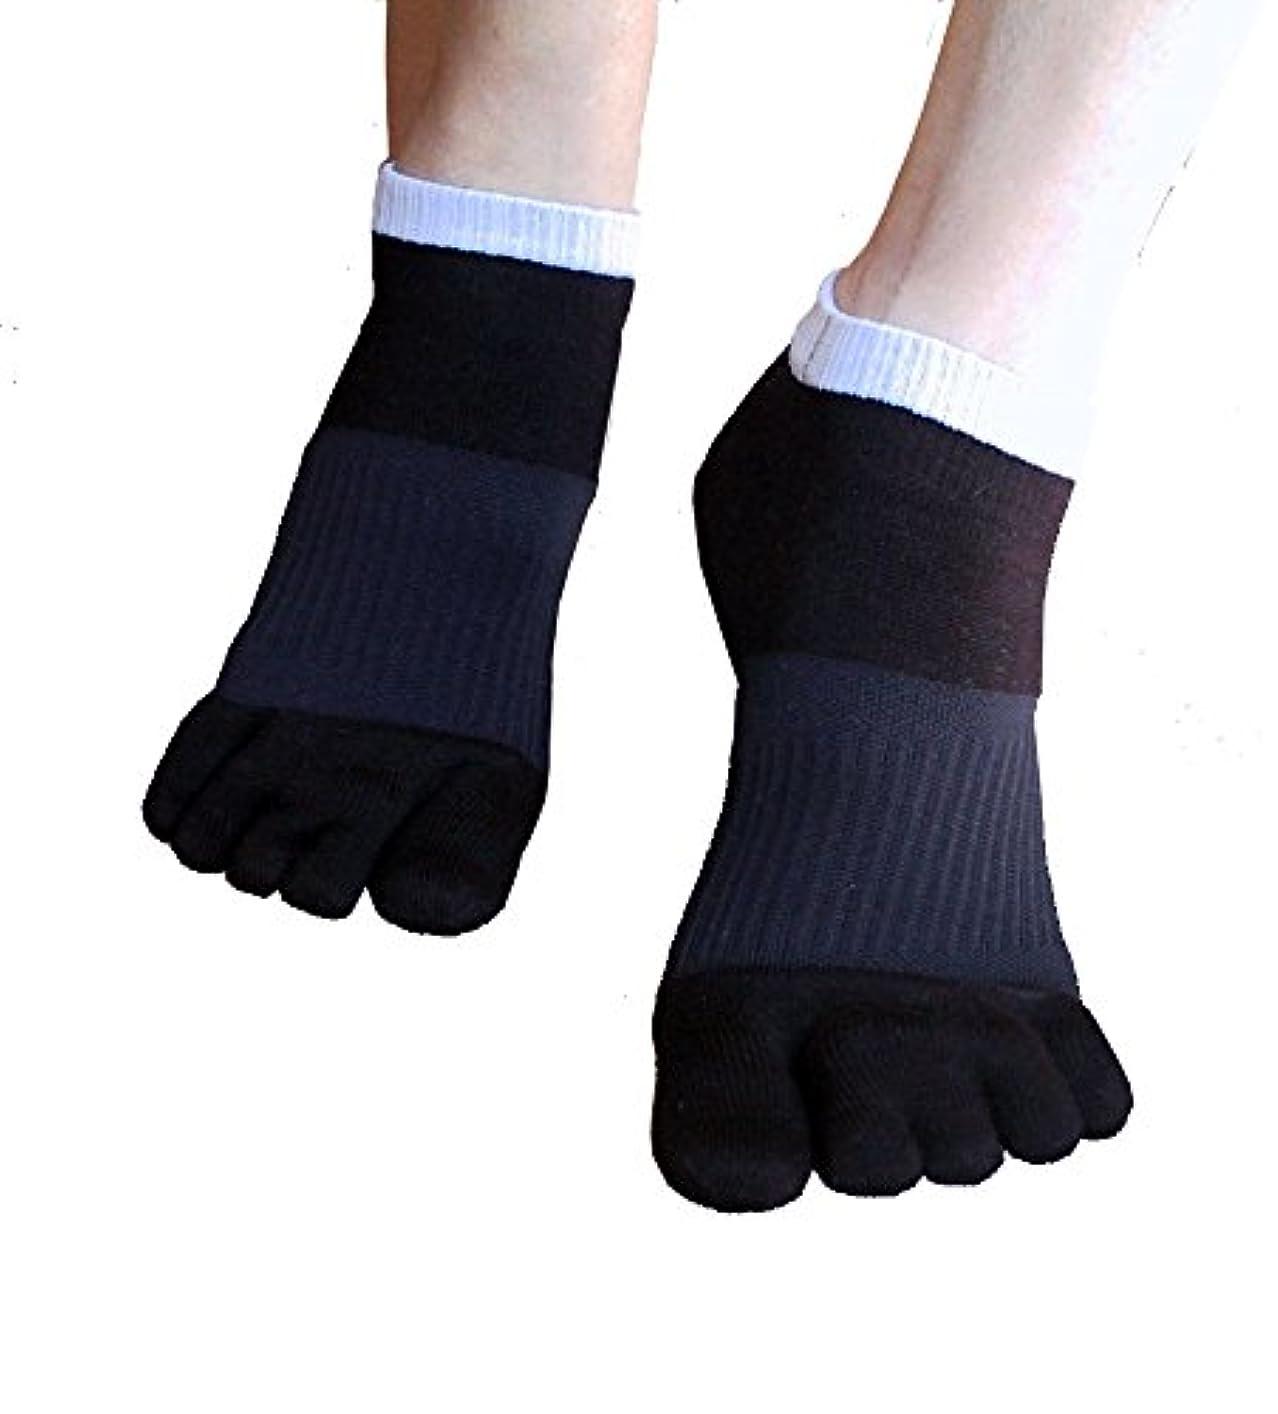 胚関係する地味な外反母趾対策 ふしぎな5本指テーピング靴下 スニーカータイプ 22-24cm?ブラック(色は2色、サイズは3サイズ)